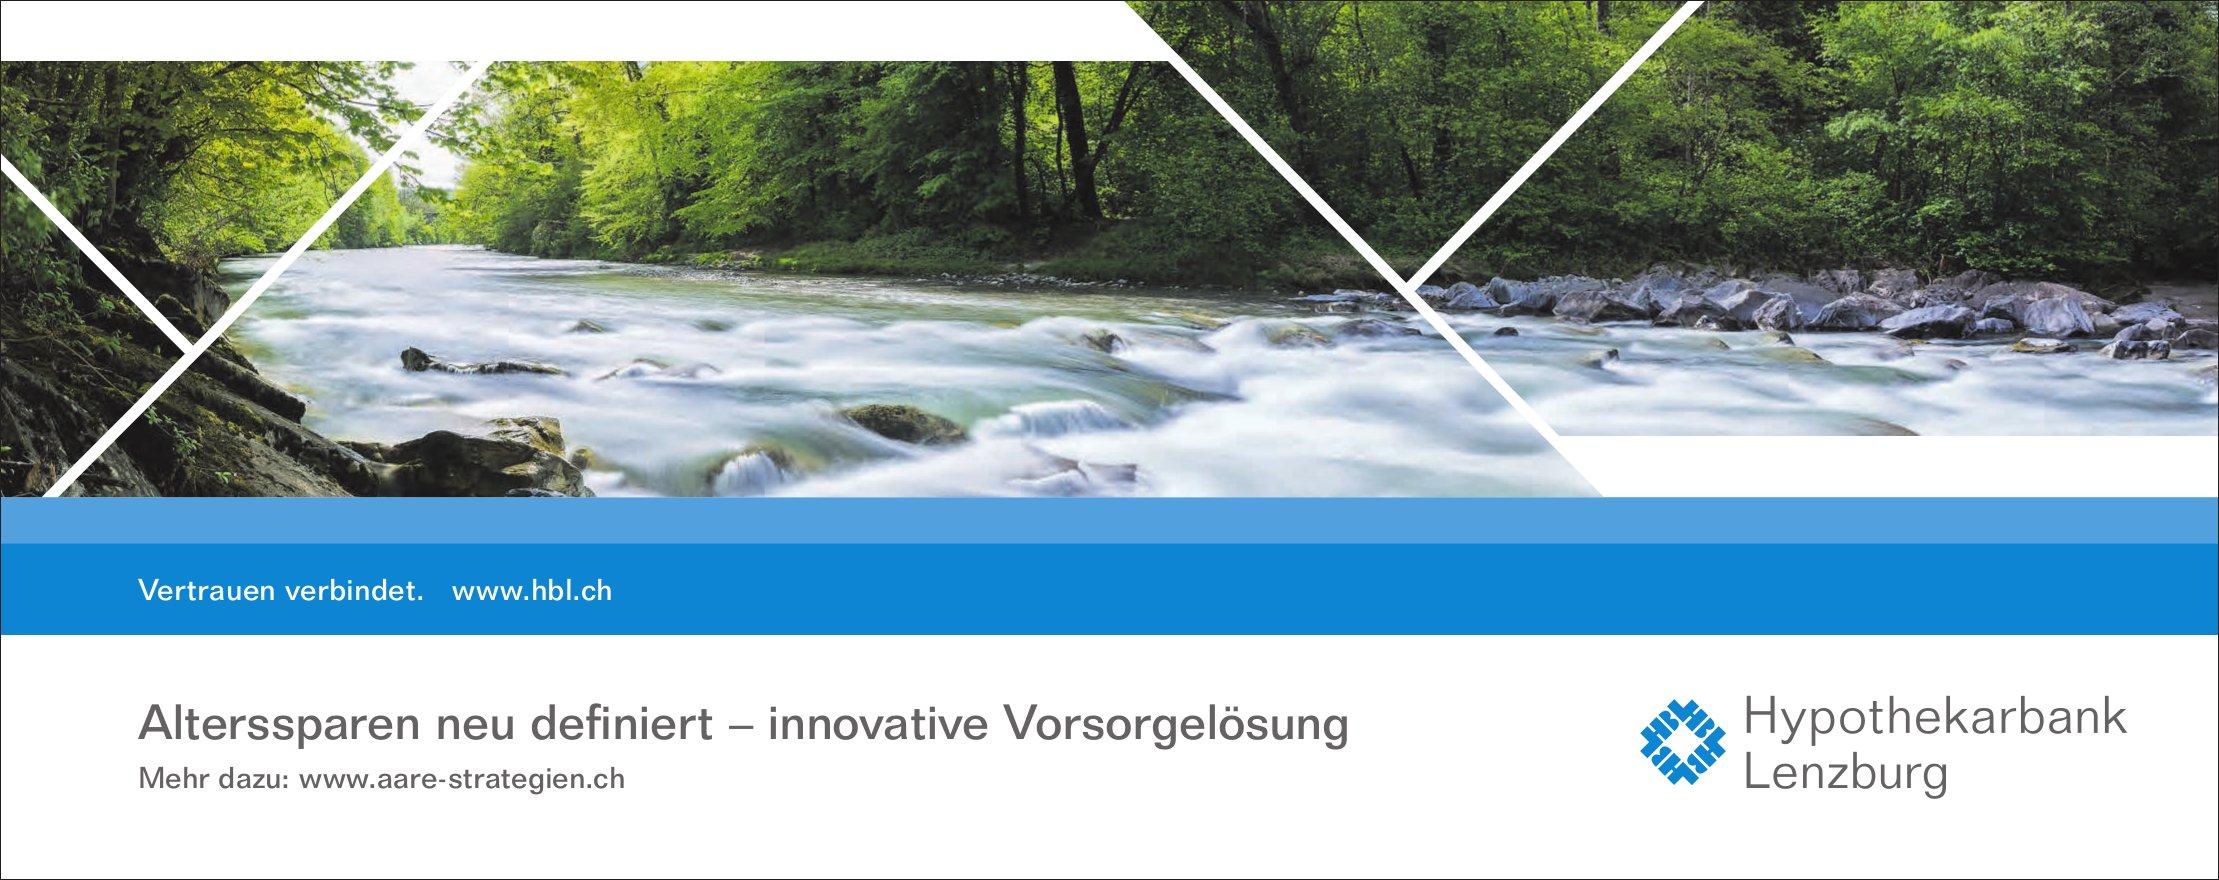 Hypothekarbank Lenzburg -  Alterssparen neu definiert - innovative Vorsorgelösung